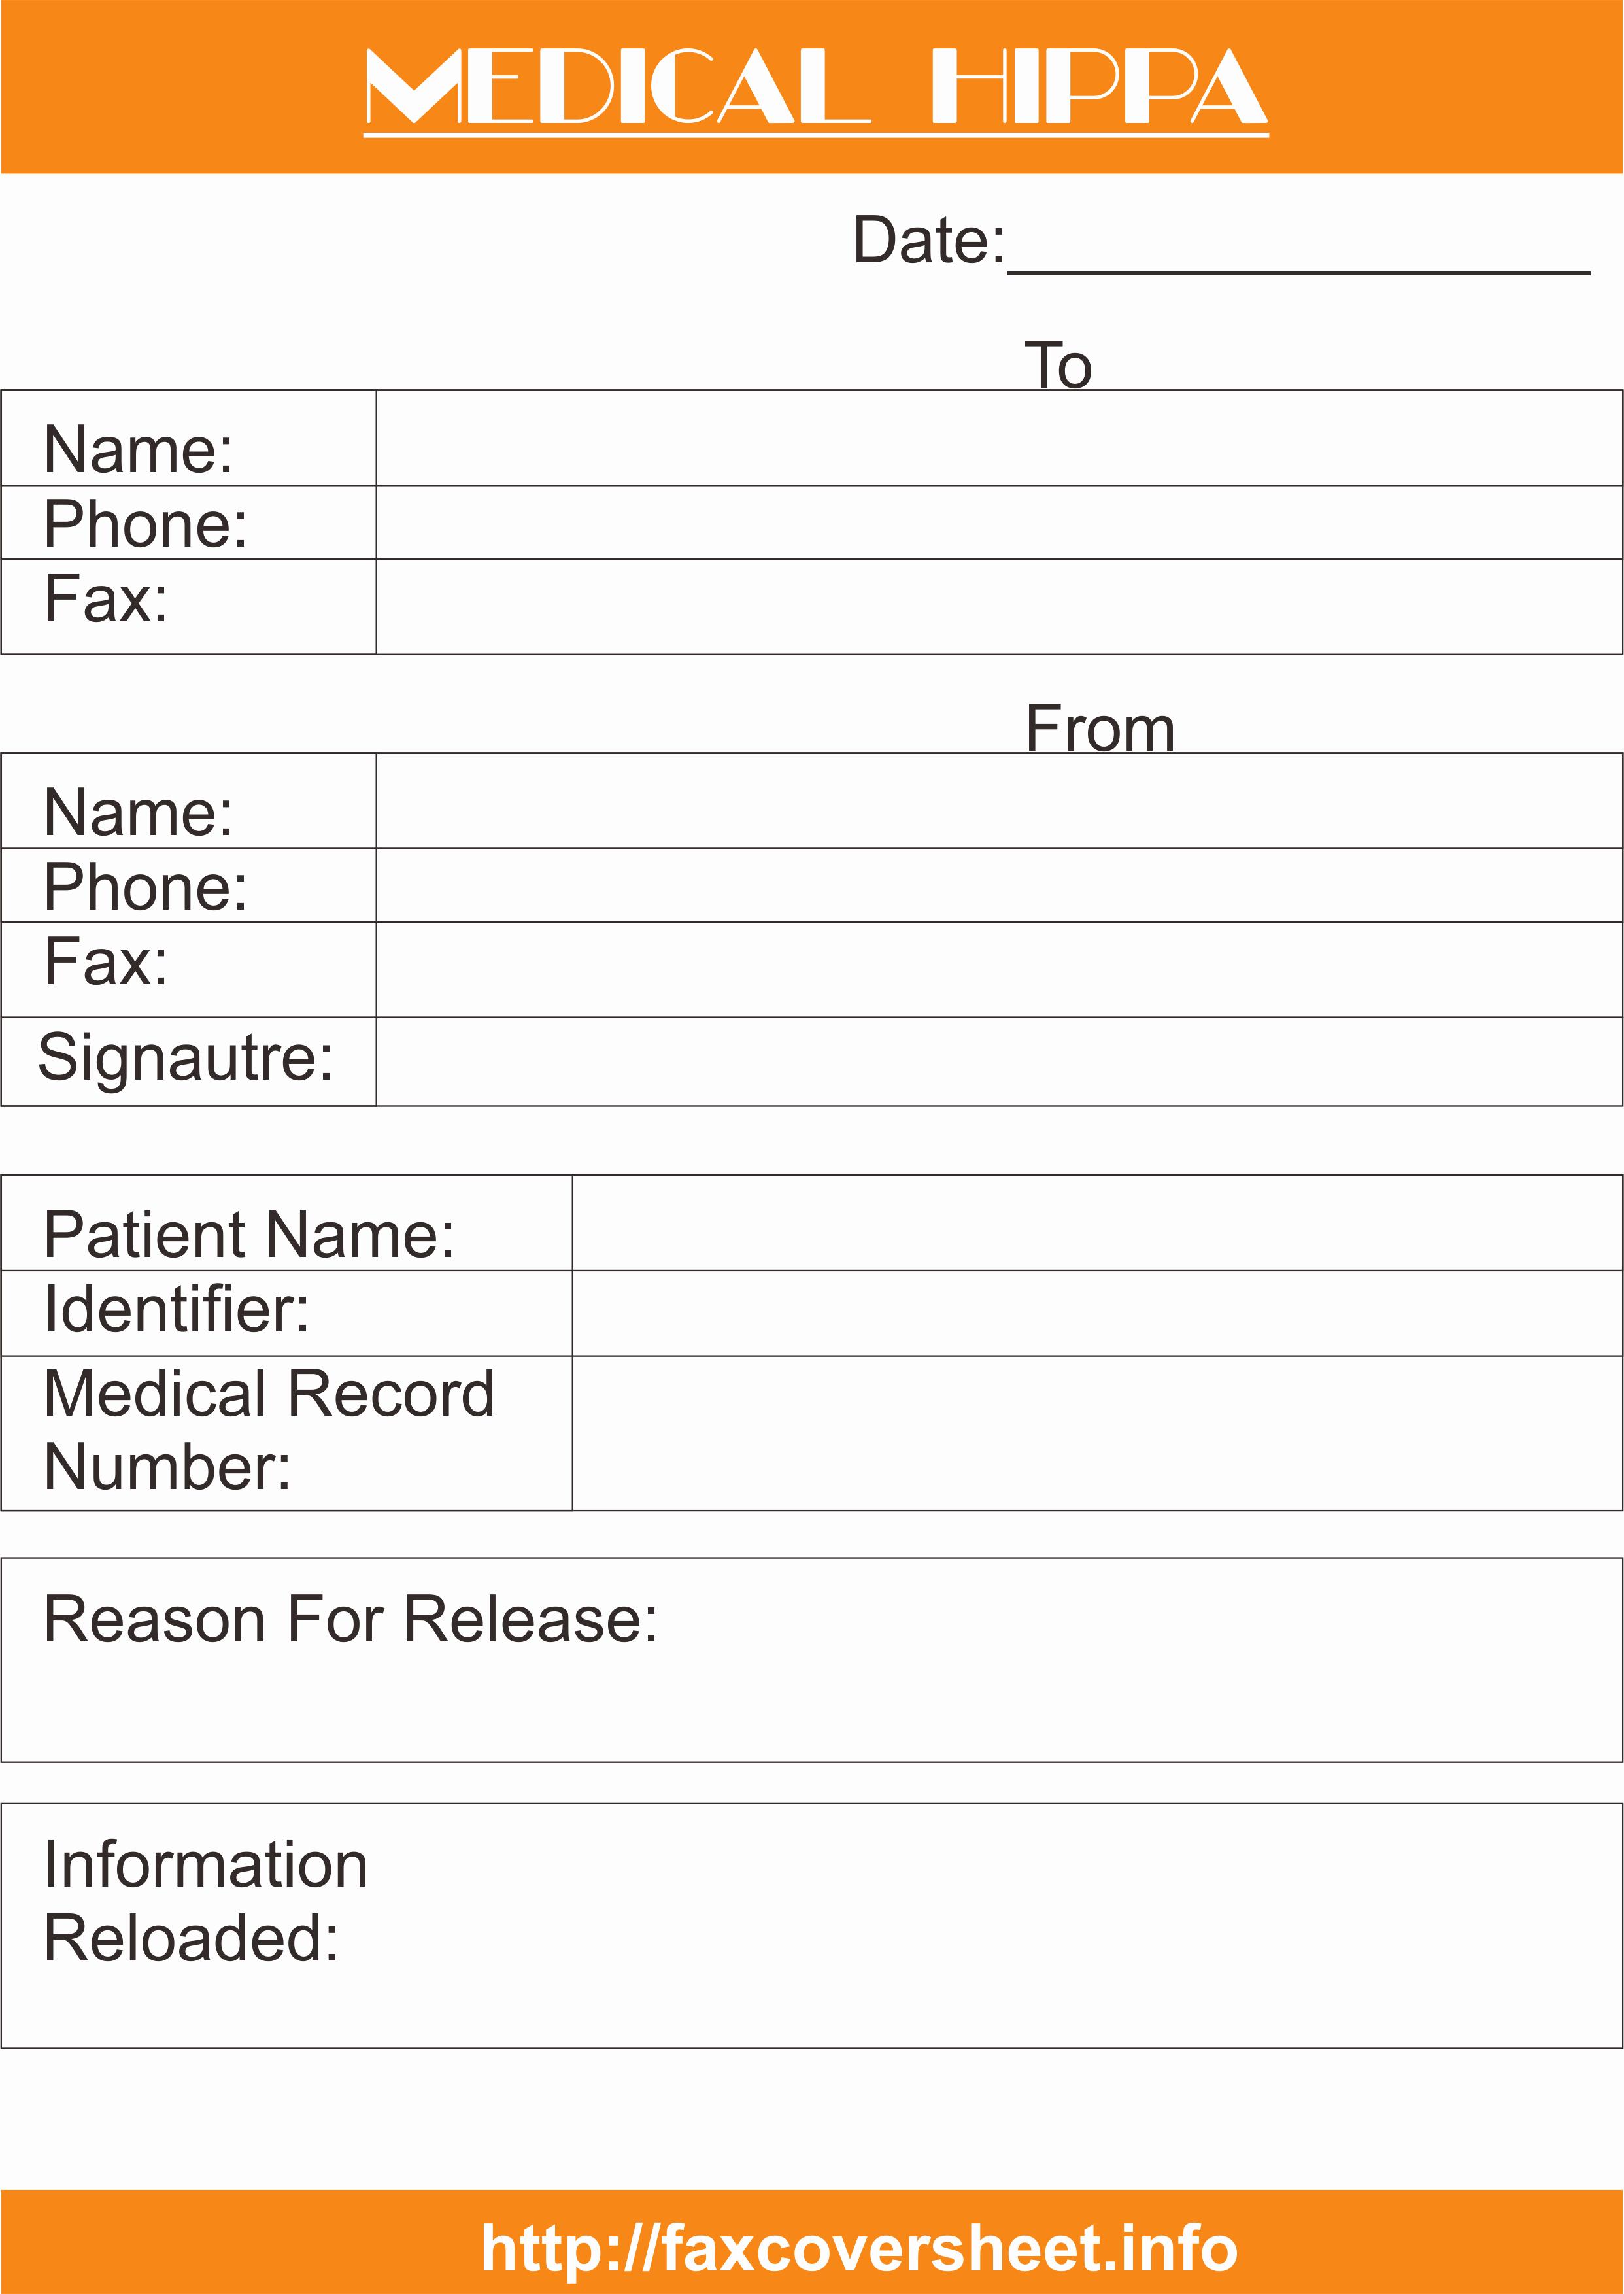 Hipaa Fax Cover Sheet Fresh Sample Medical Hipaa Fax Cover Sheet Templates